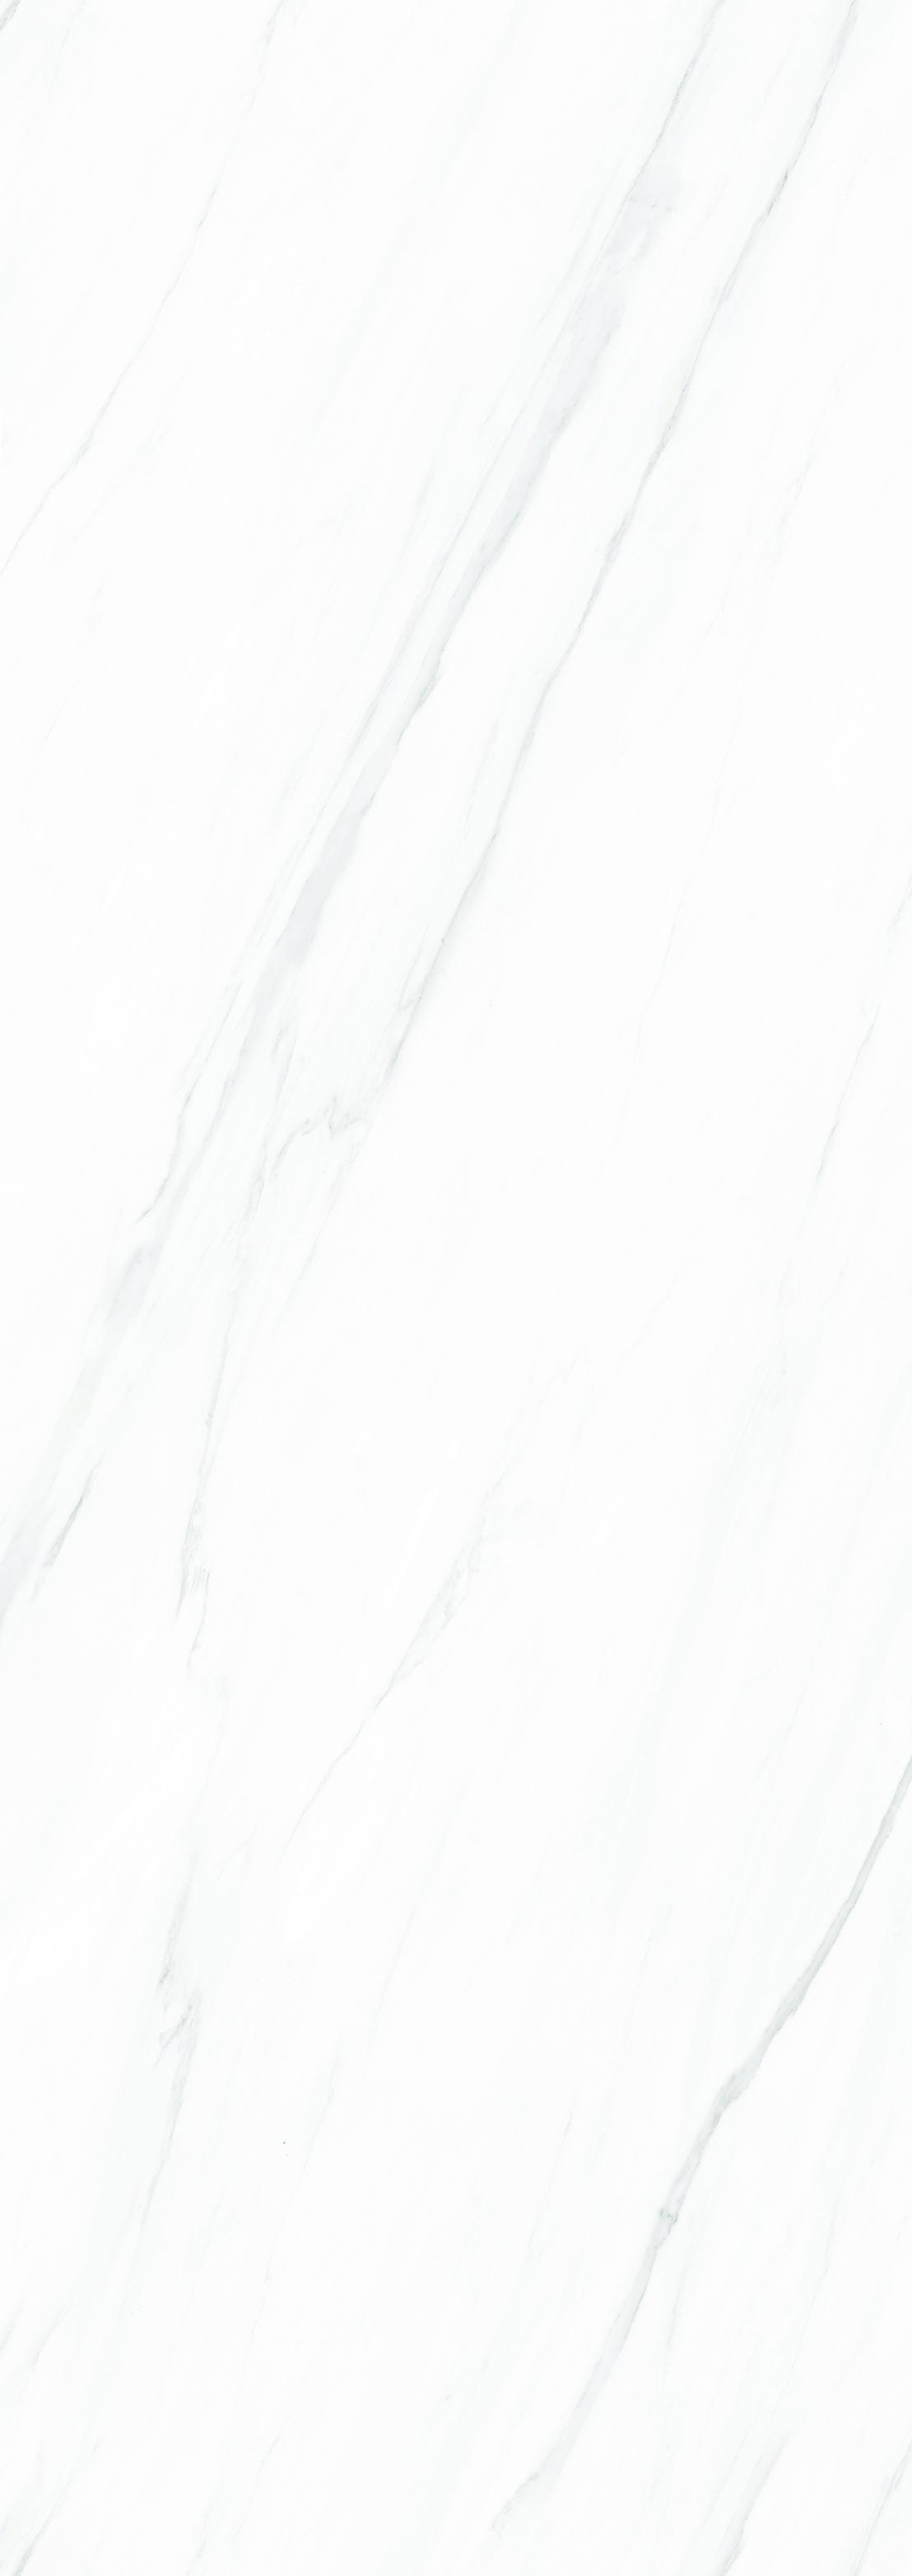 HJ260911L瑪莎白(亮光,橫向無限連紋)